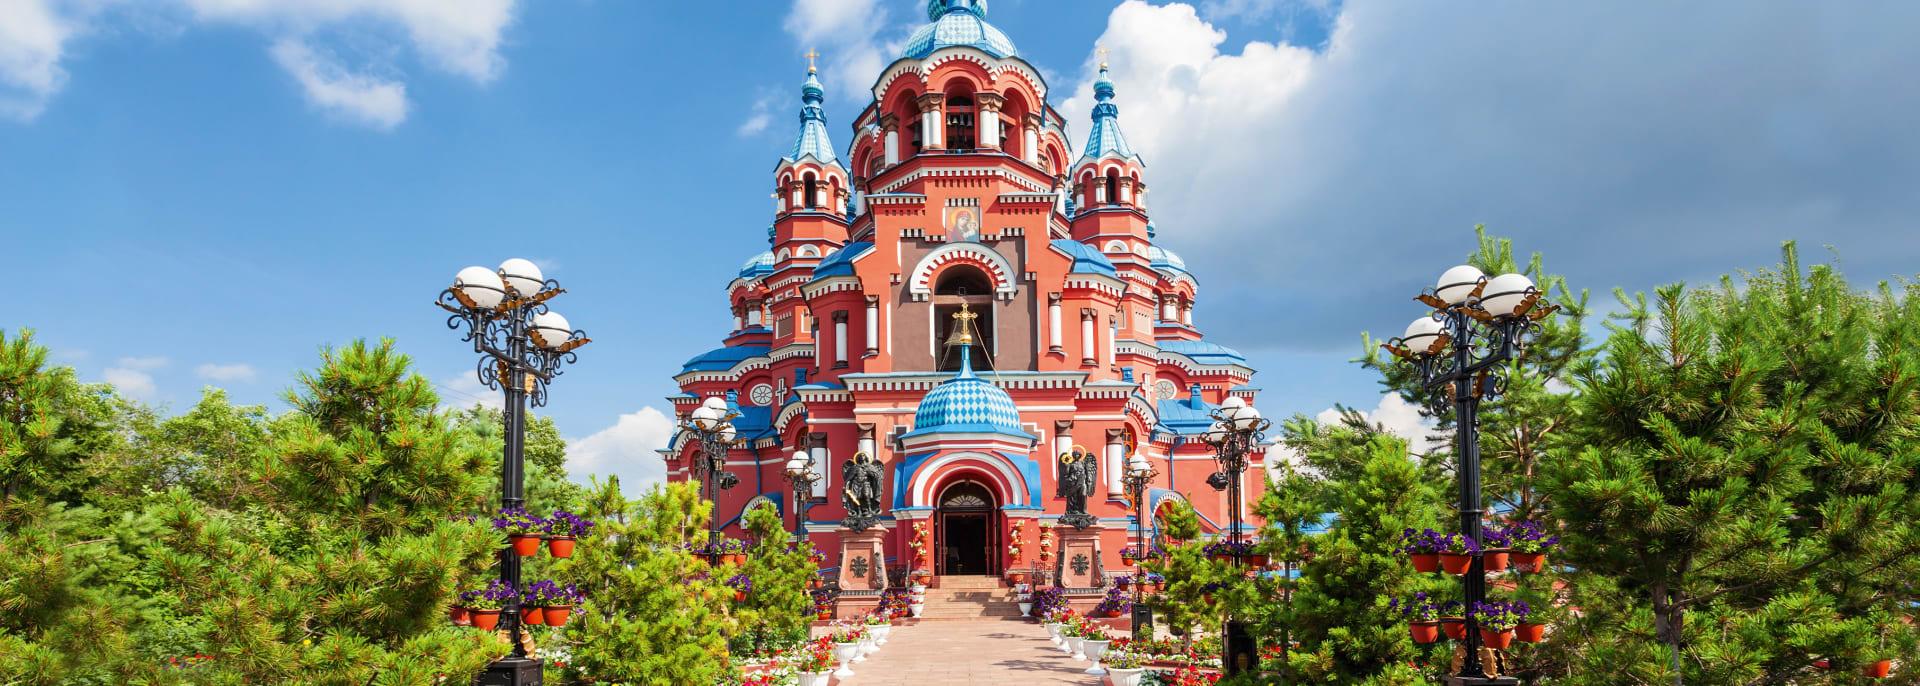 Kathedrale des Kazan-Ikons, Irkutsk, Russland